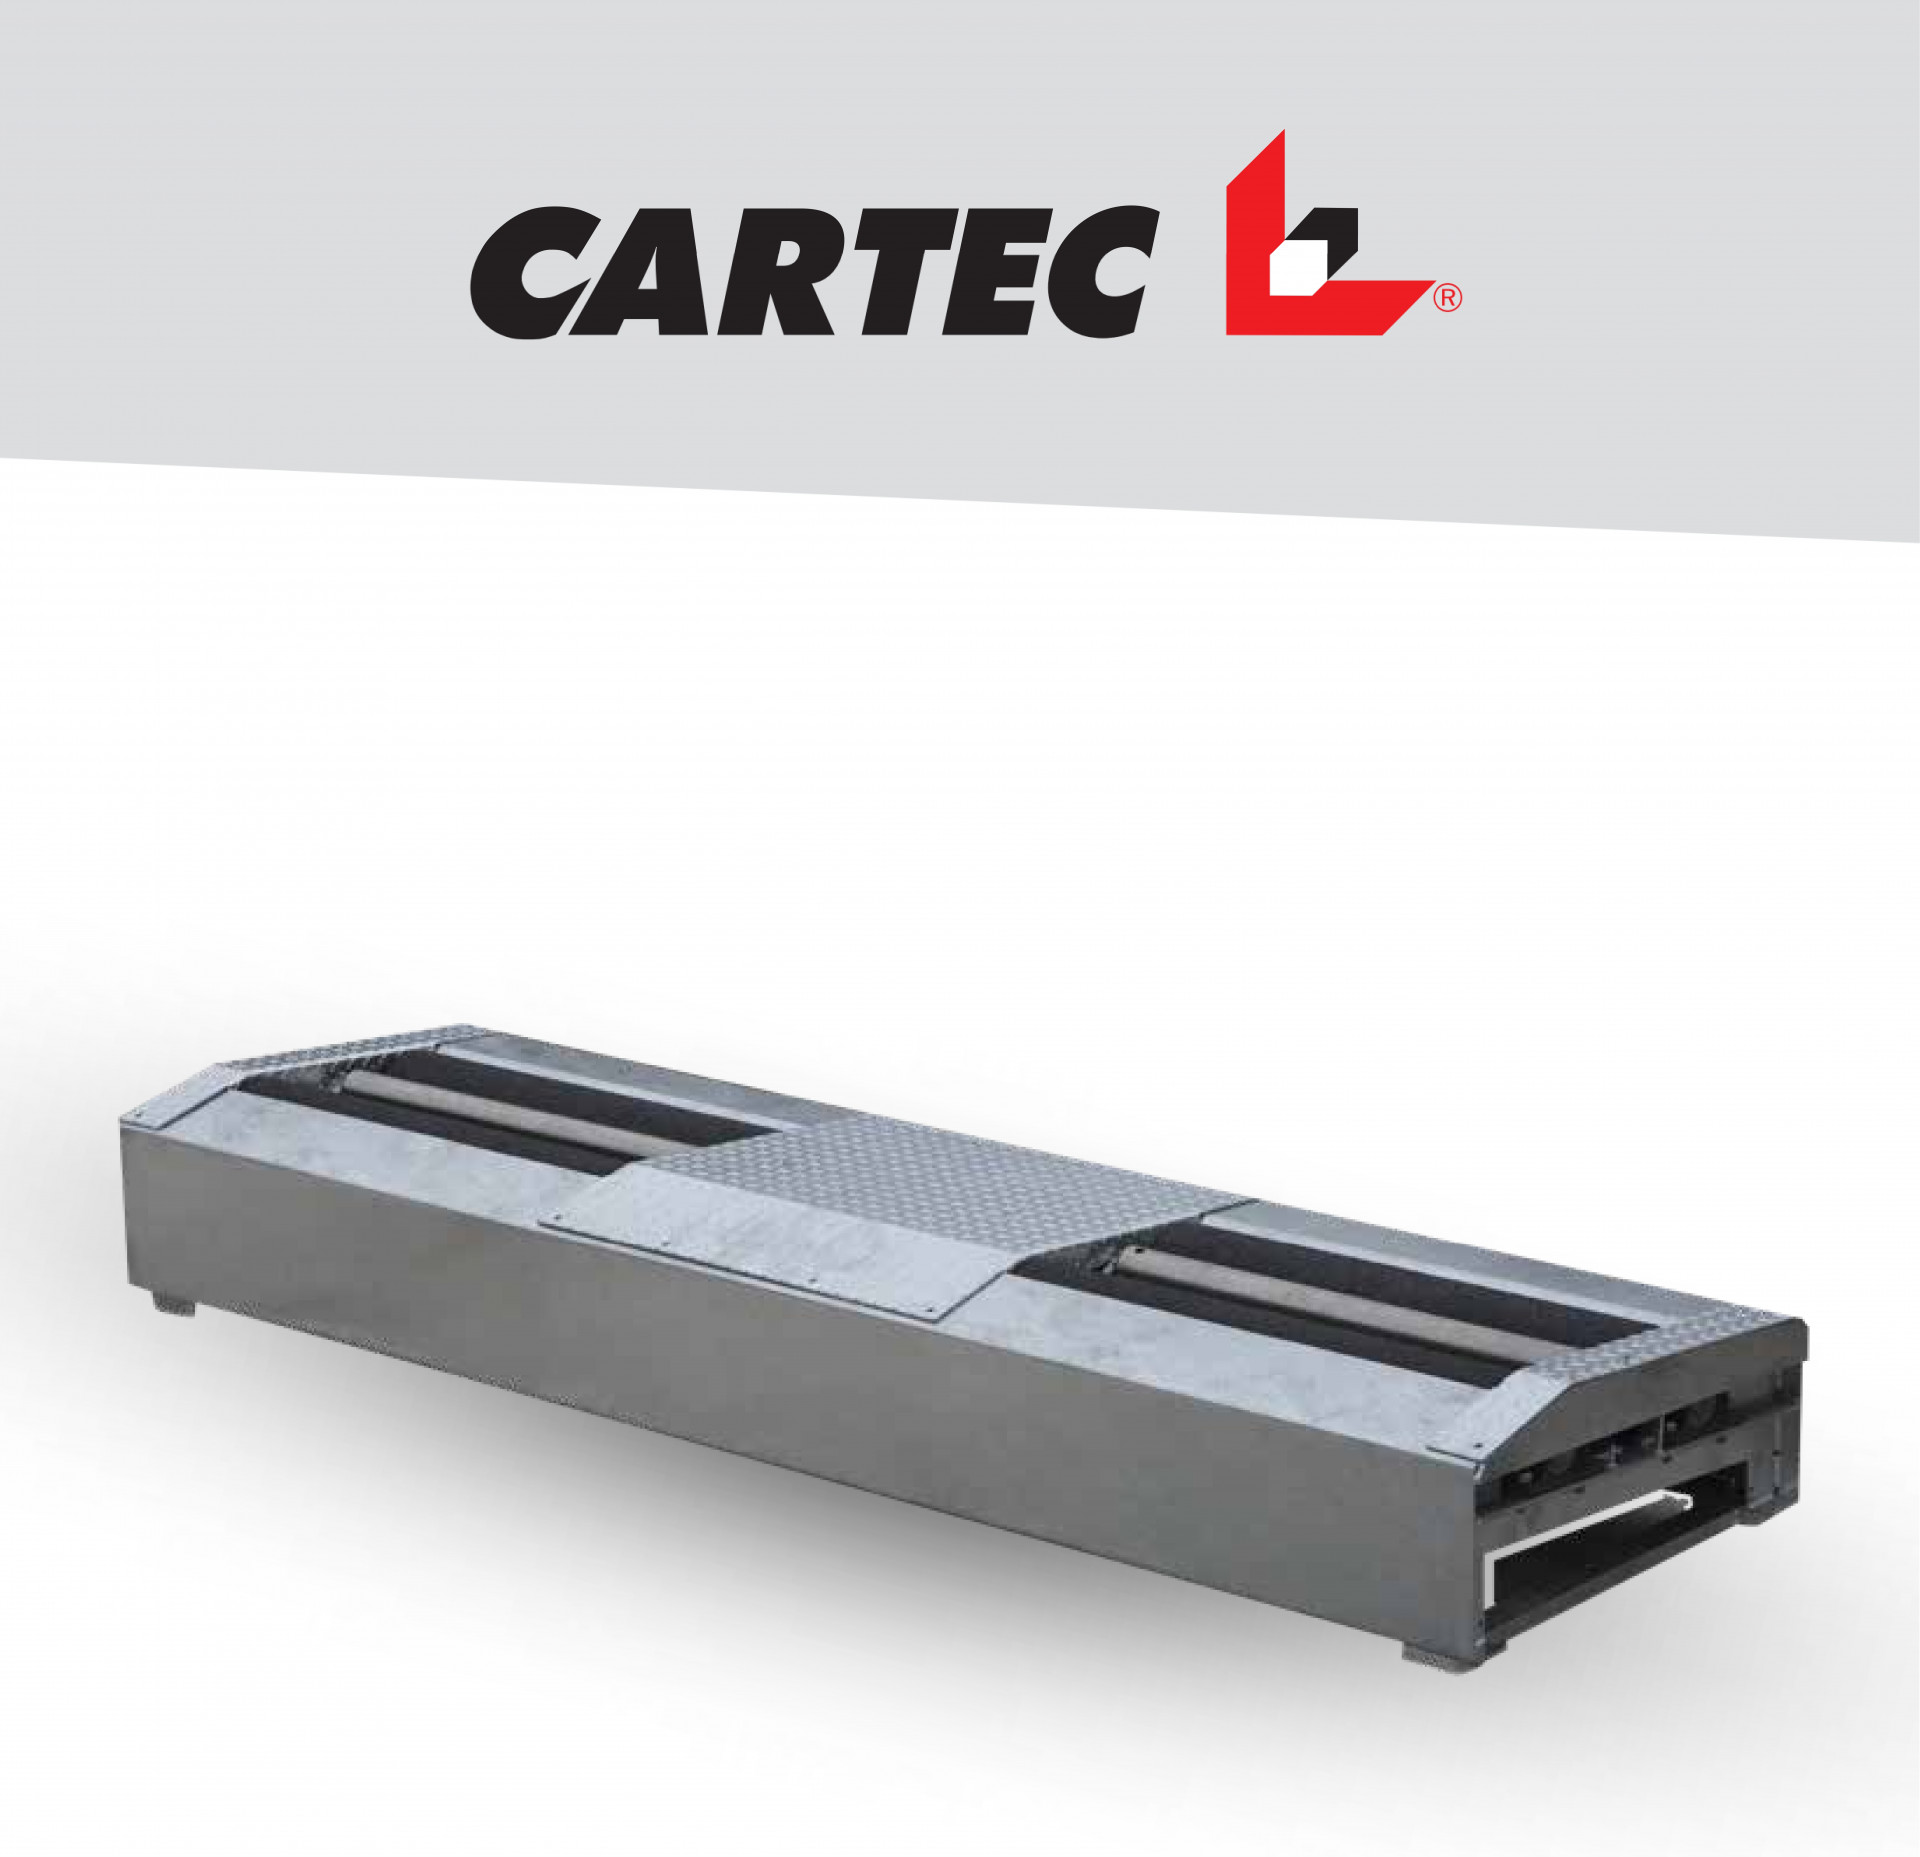 Cartec_01.jpg